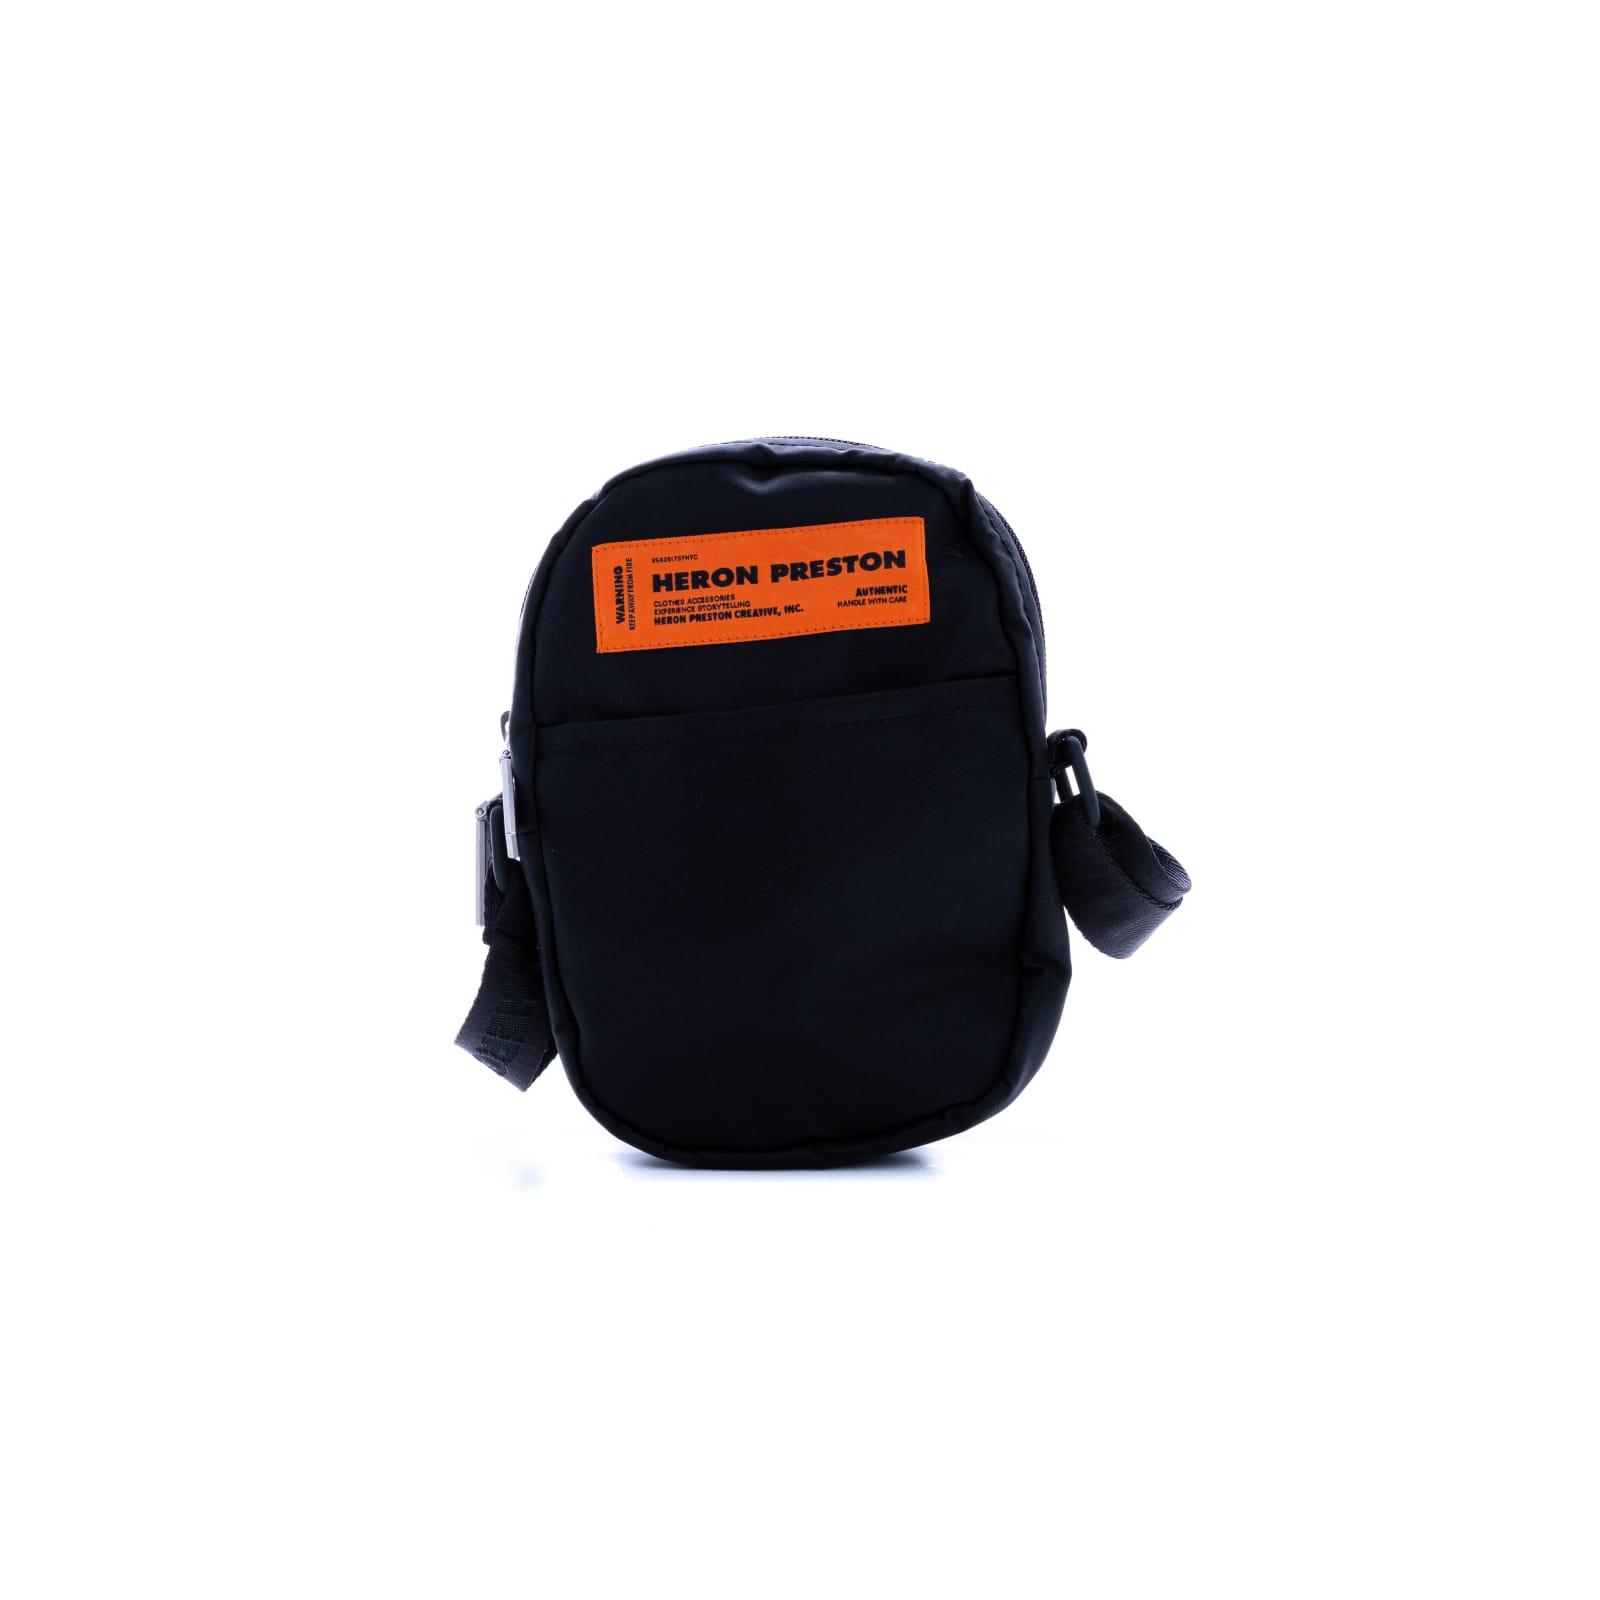 Heron Preston Heron Preston Shoulder Bag